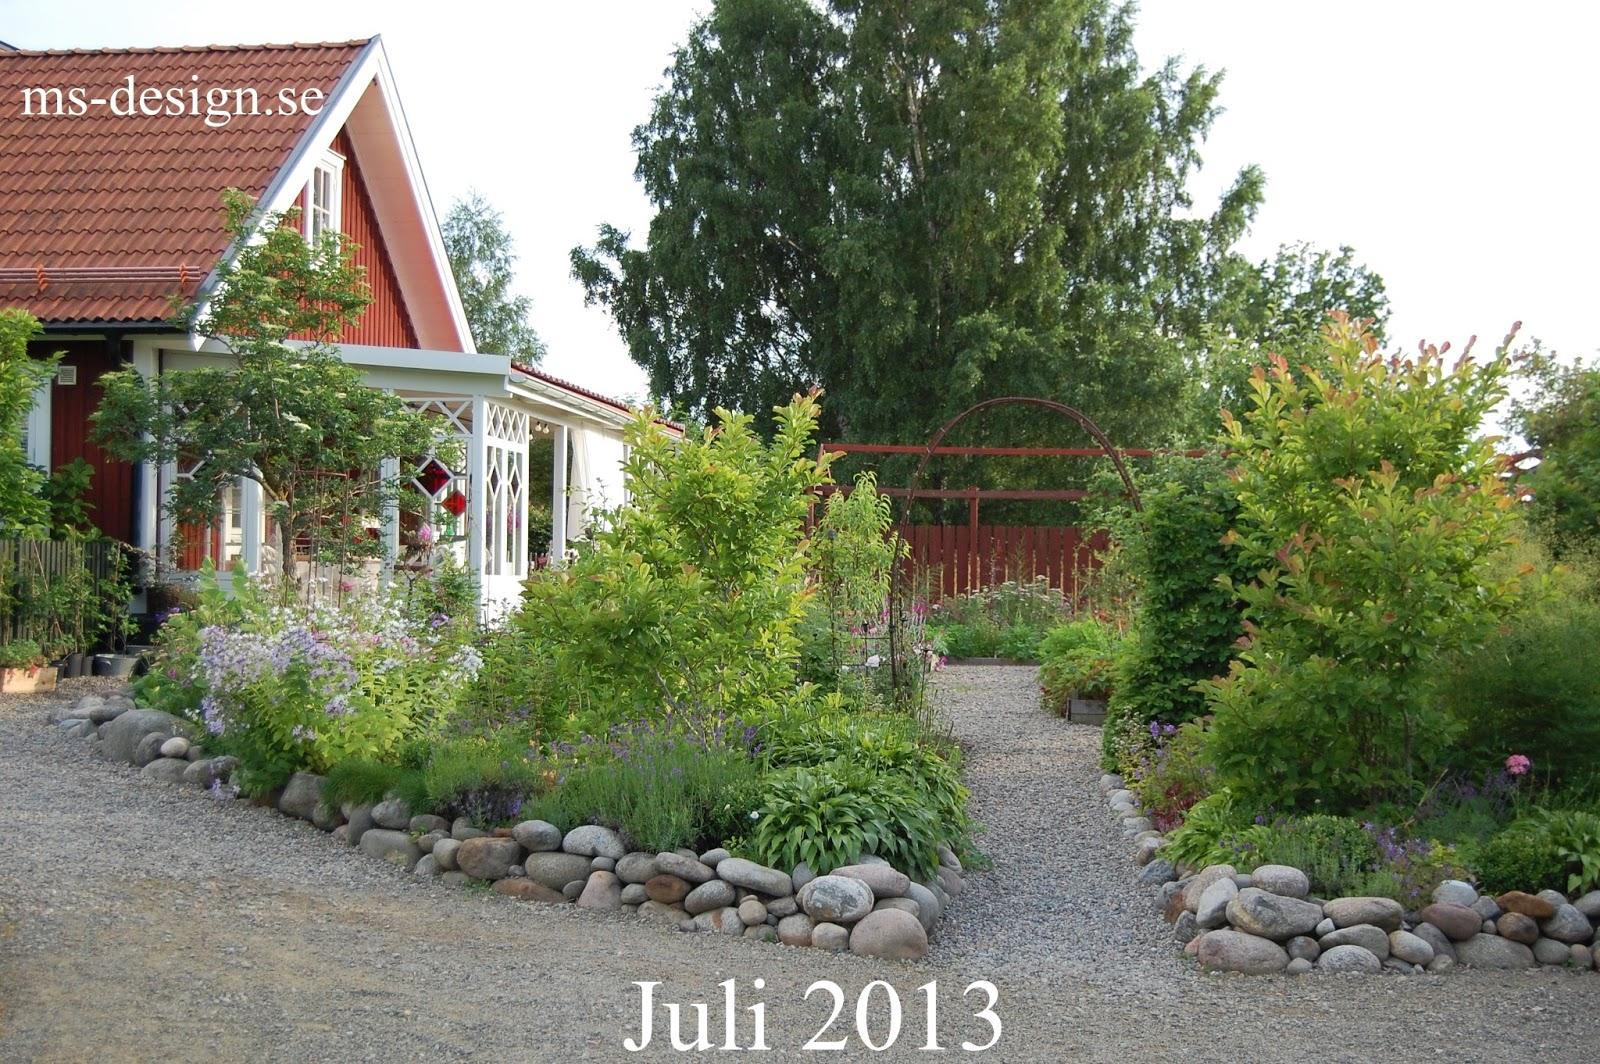 M/s design trädgård och keramik: försenad månadsbild och mer staket...